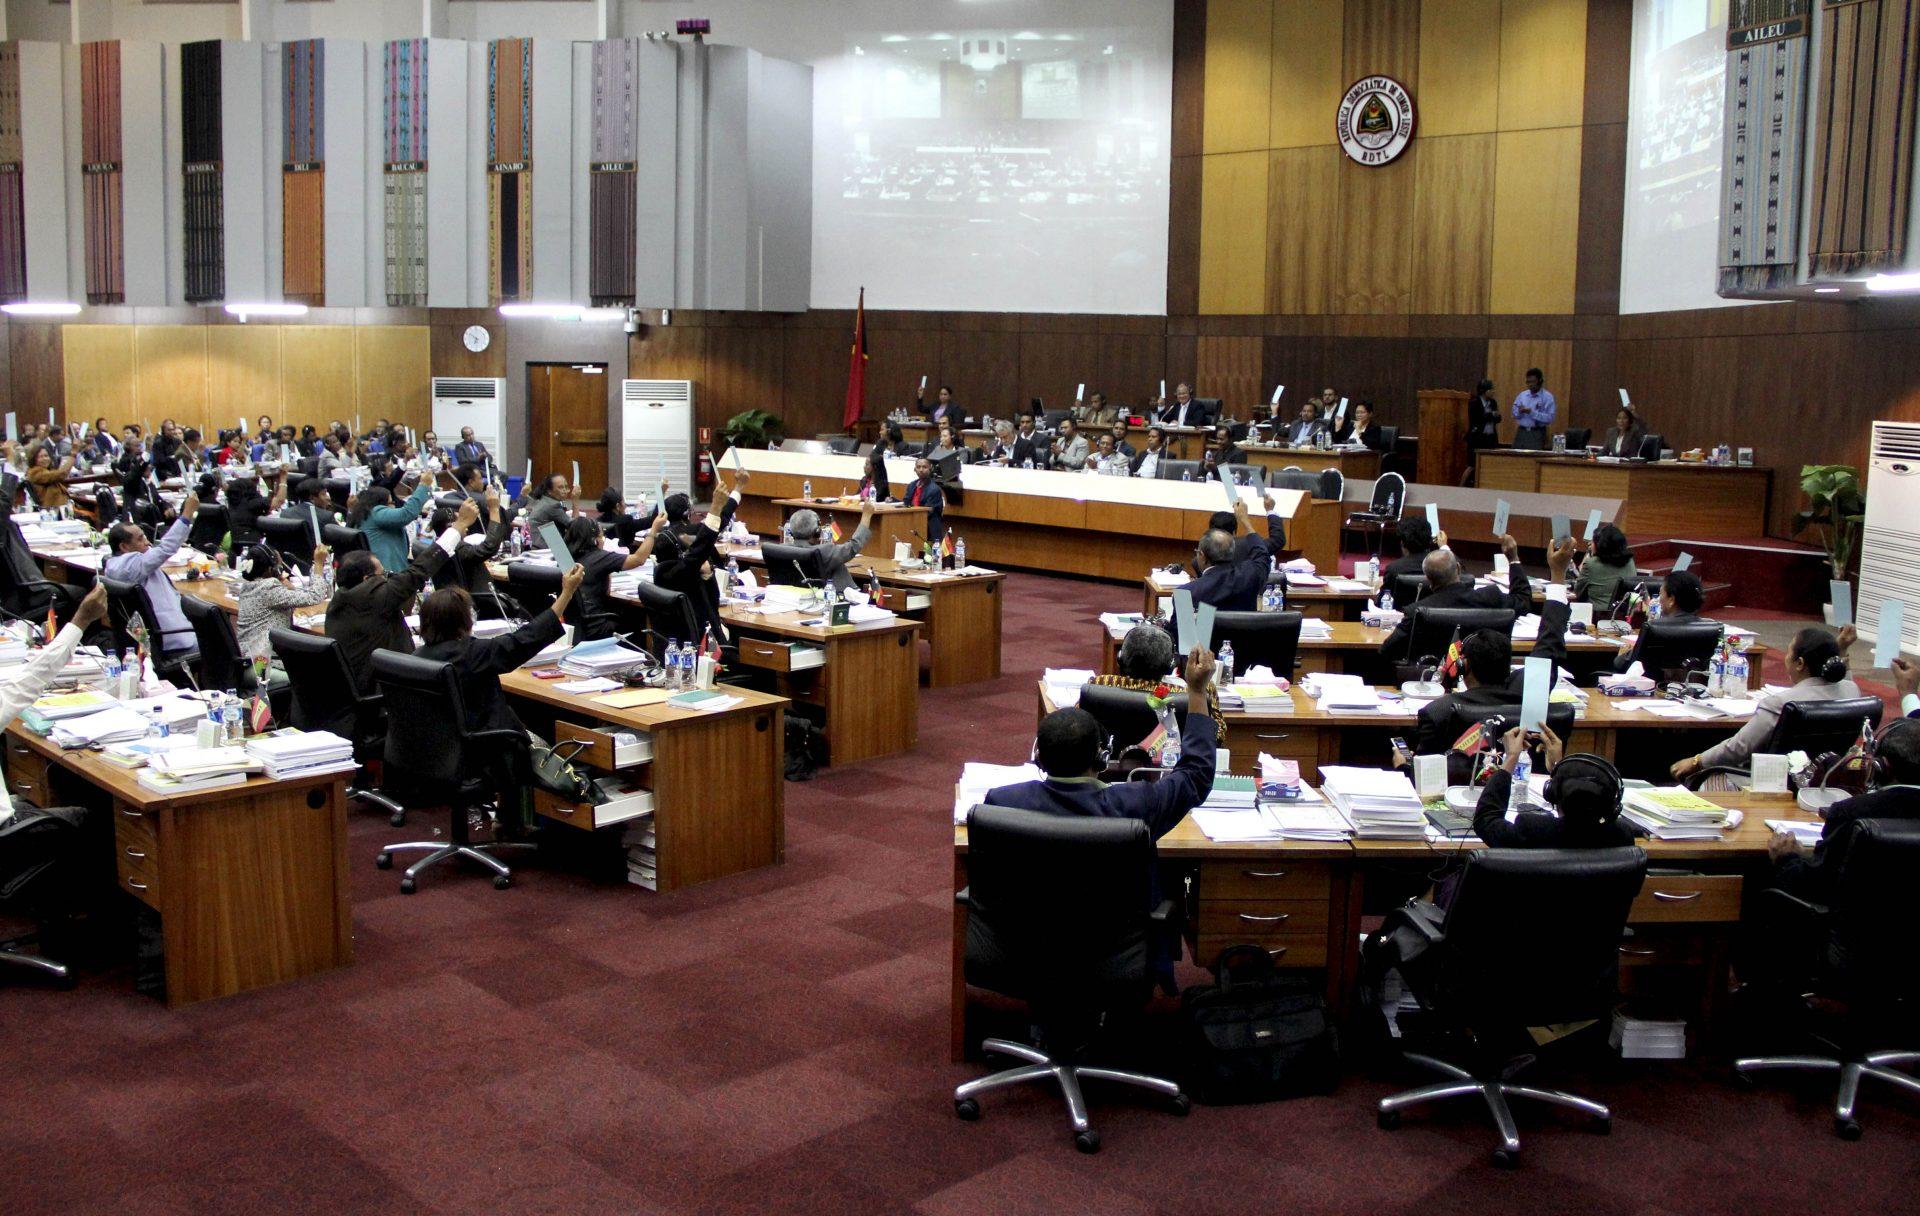 Parlamento timorense. 11 de janeiro de 2014, Dili, Timor-Leste. ANTÓNIO AMARAL/LUSA